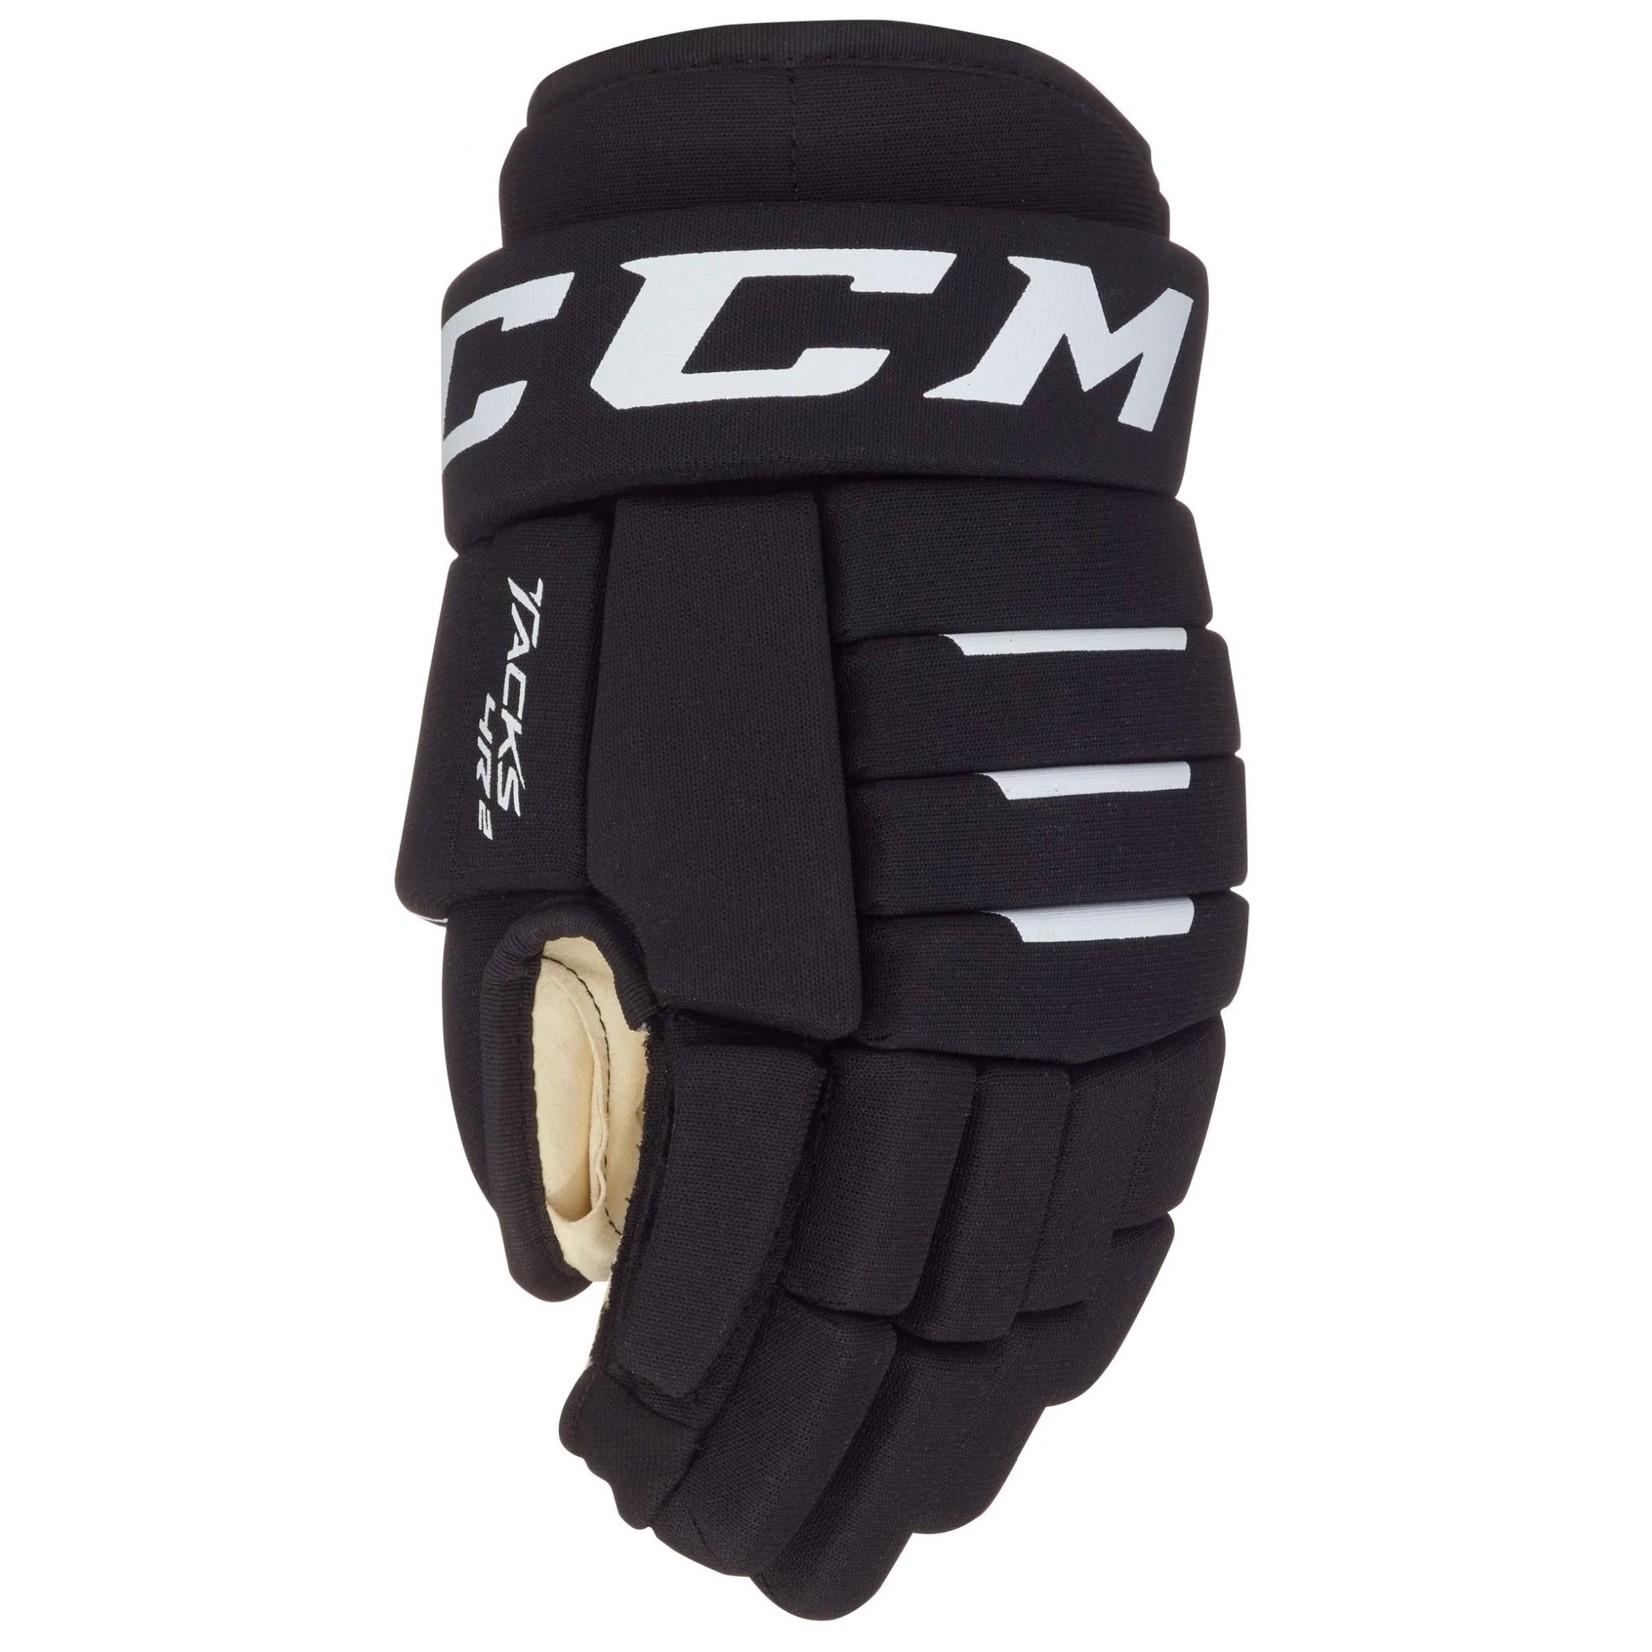 CCM CCM Hockey Gloves, Tacks 4R2, Senior